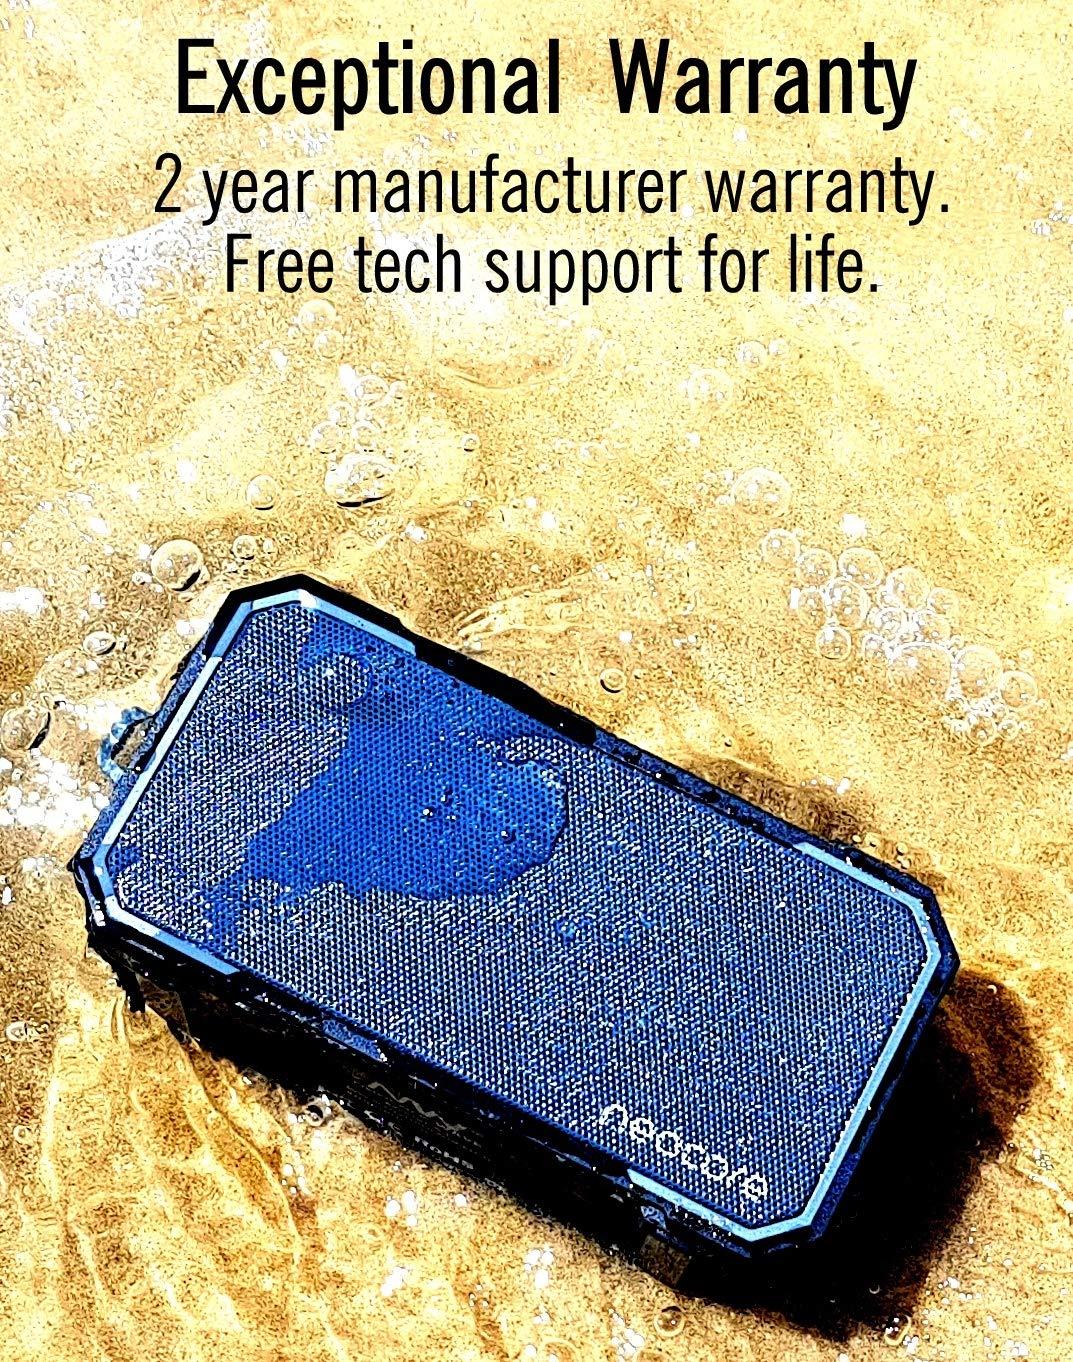 Neocore WAVE A1 Altavoz Bluetooth Portátil, Inteligente e Impermeable para la Ducha o el Exterior con 24 Horas de Duración y Ranura SD 256GB (Blanco): ...